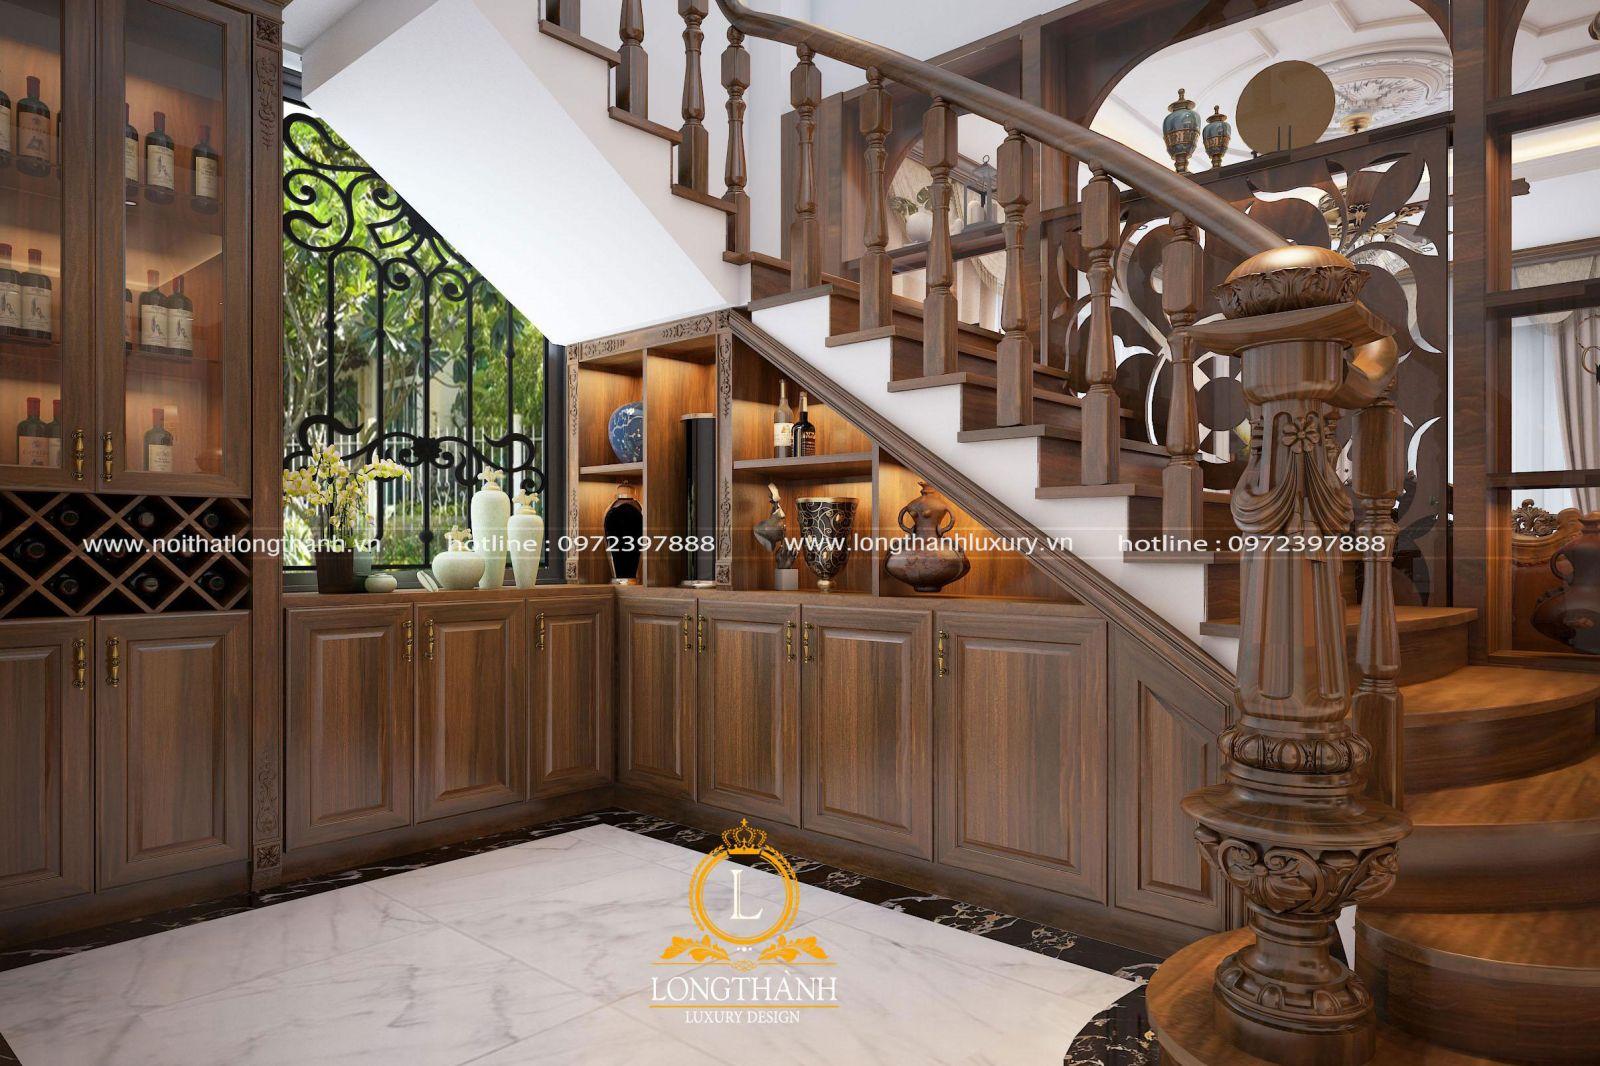 Mẫu tủ rượu gầm cầu thang – Giải pháp tối ưu cho không gian sống đẳng cấp